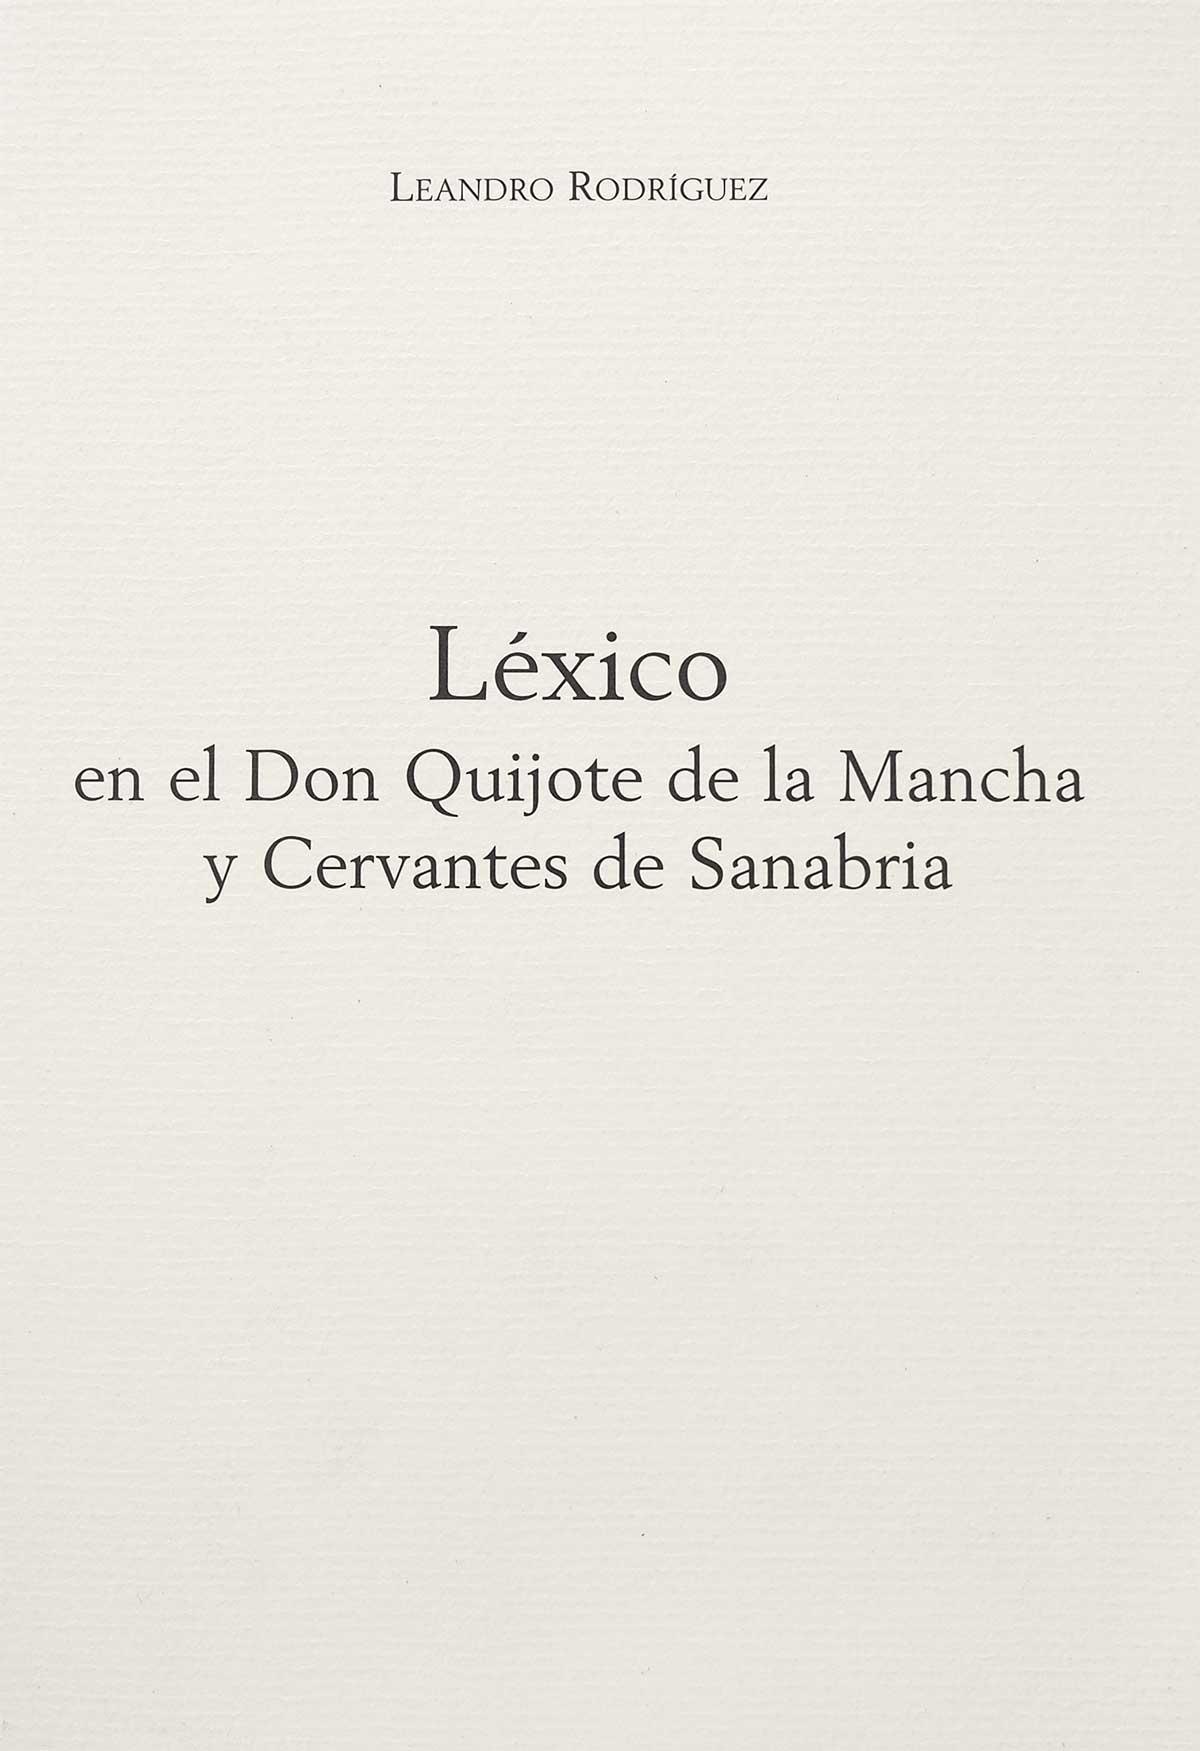 lexico-don-quijote-mancha-cervantes-sanabria-leandro-rodriguez-editorial-semuret